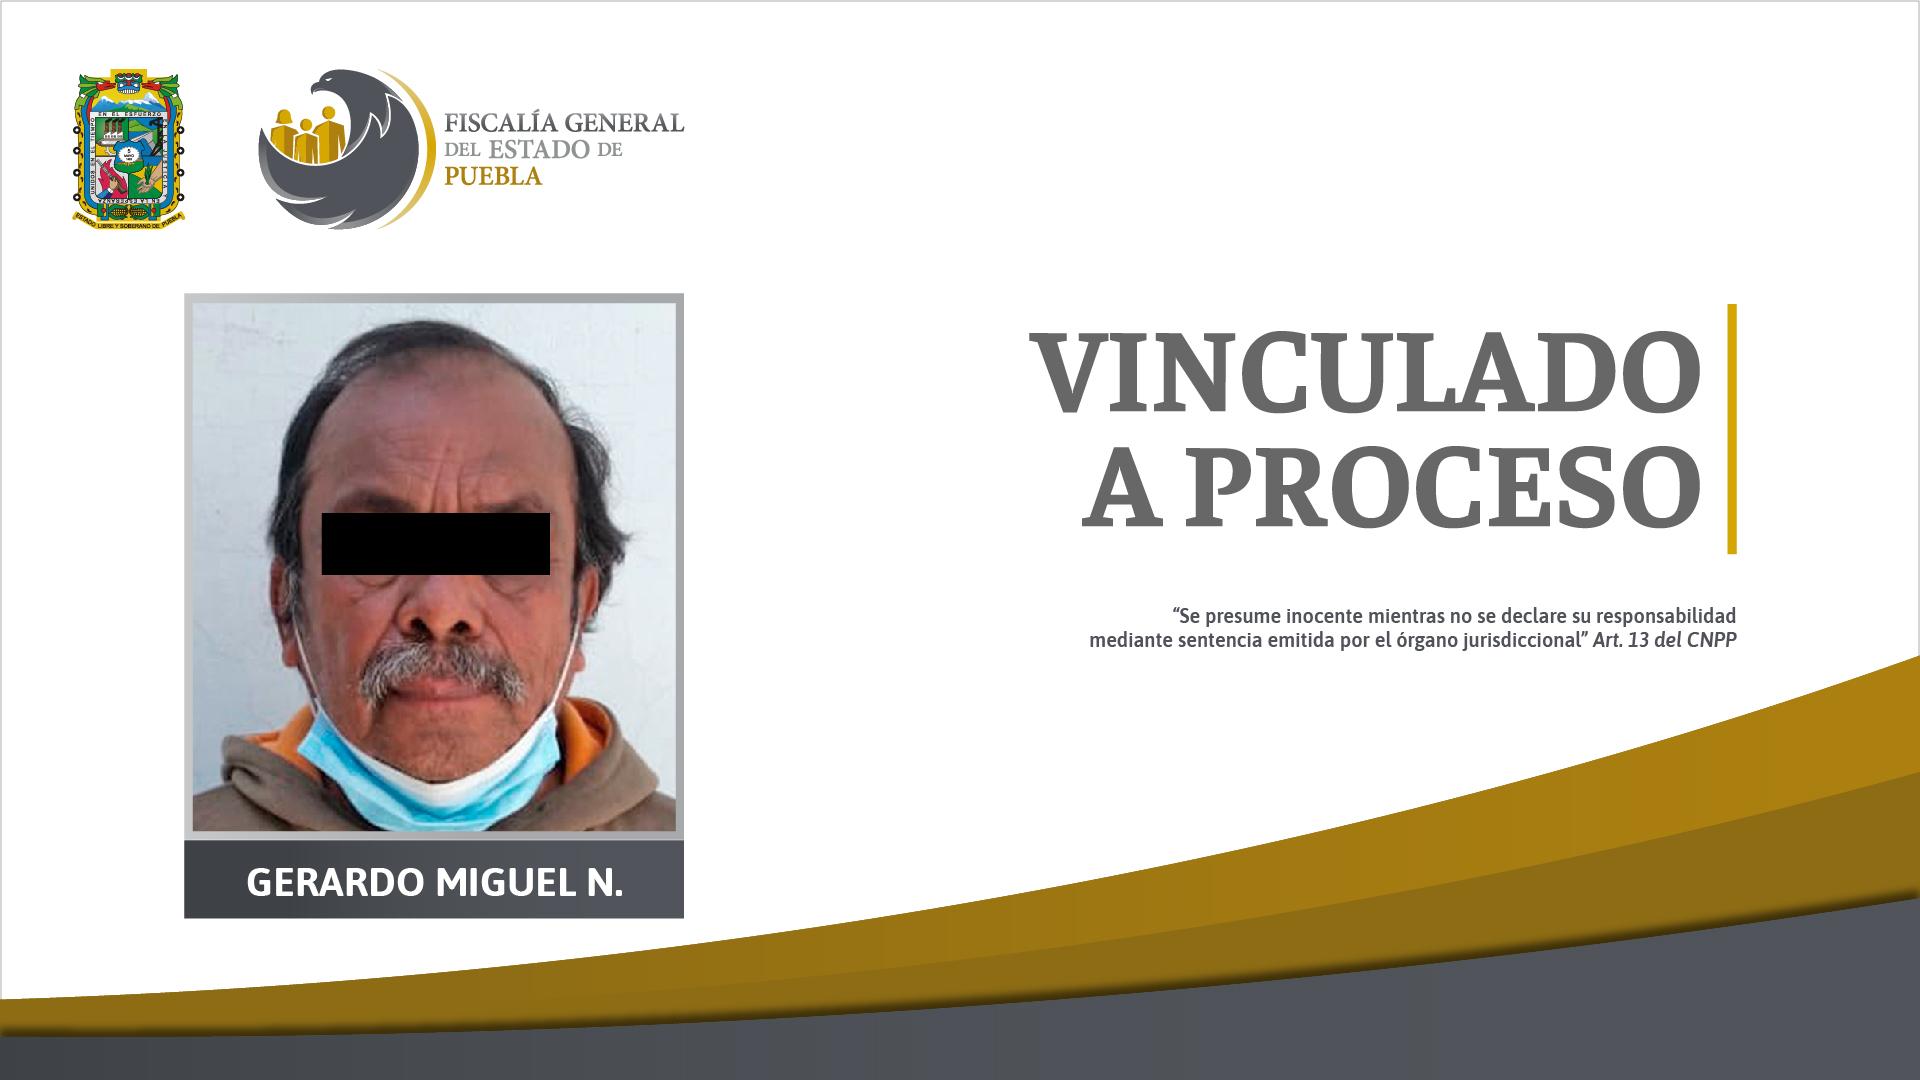 Gerardo Miguel